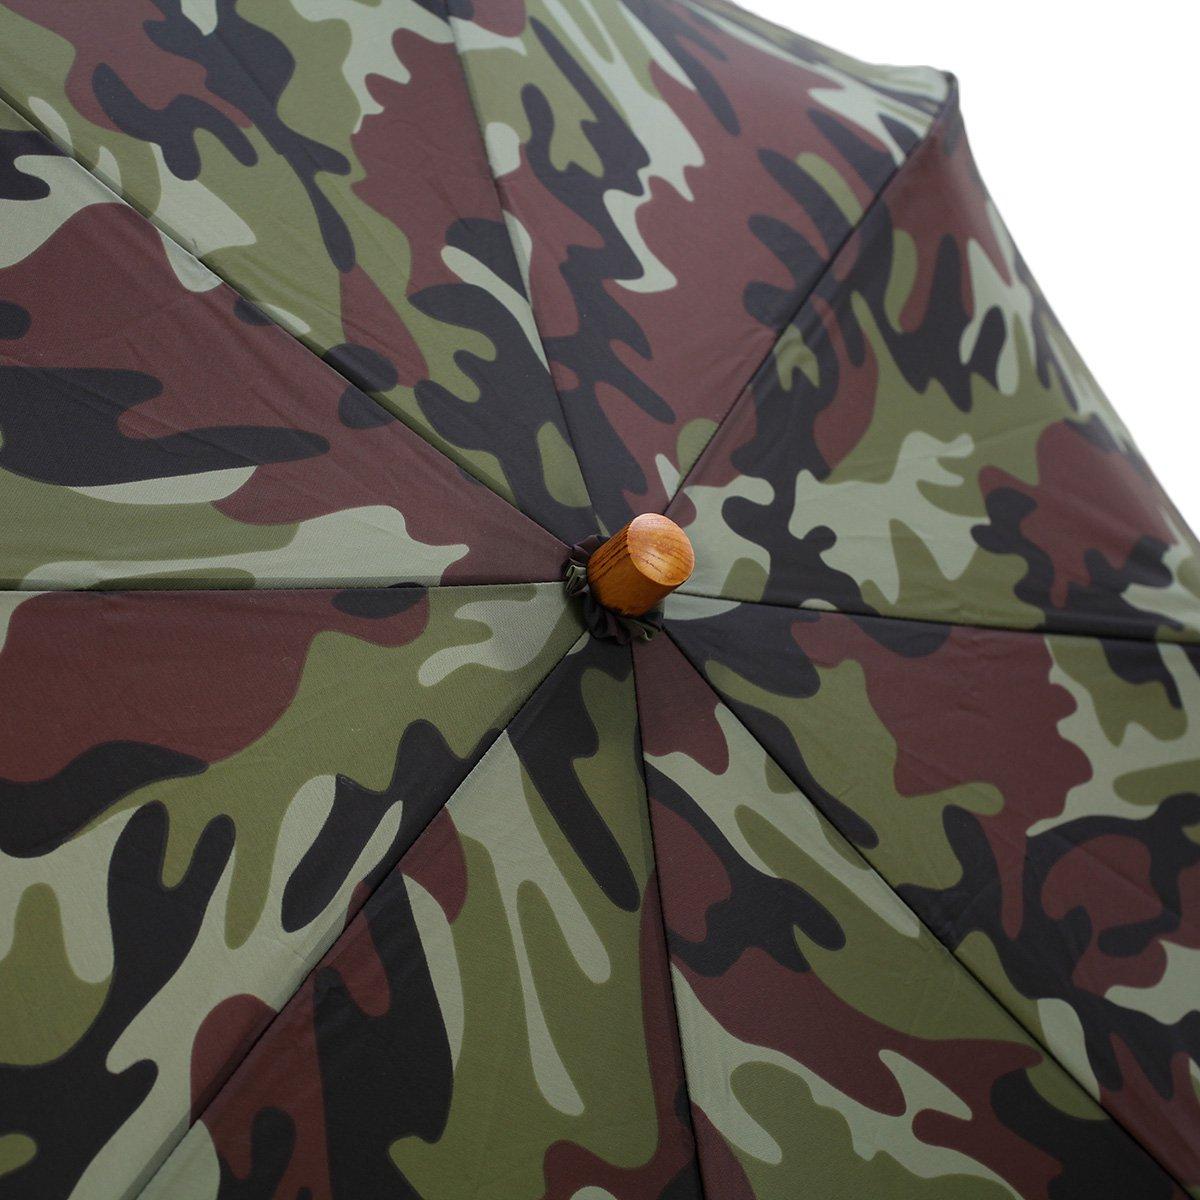 カモフラージュ 折りたたみ傘 詳細画像5